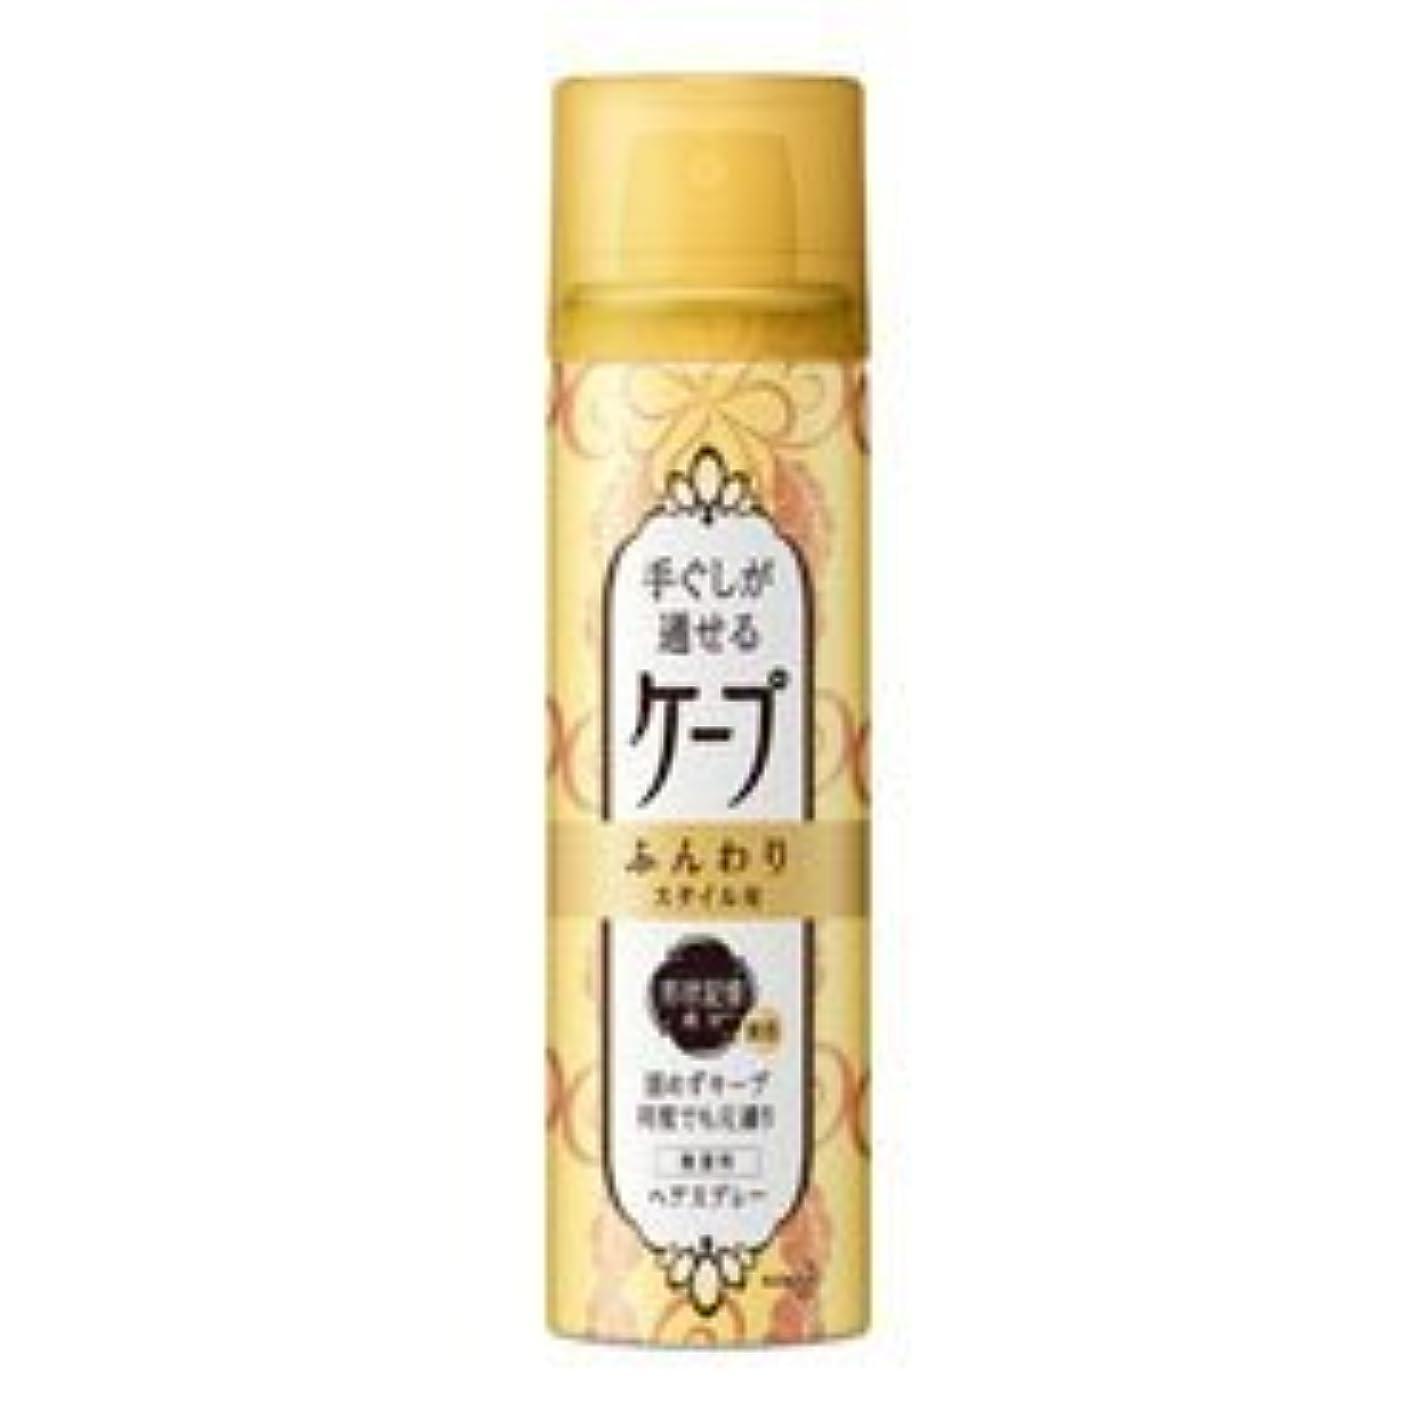 【花王】手ぐしが通せるケープ ふんわりスタイル用 無香料 42g ×5個セット